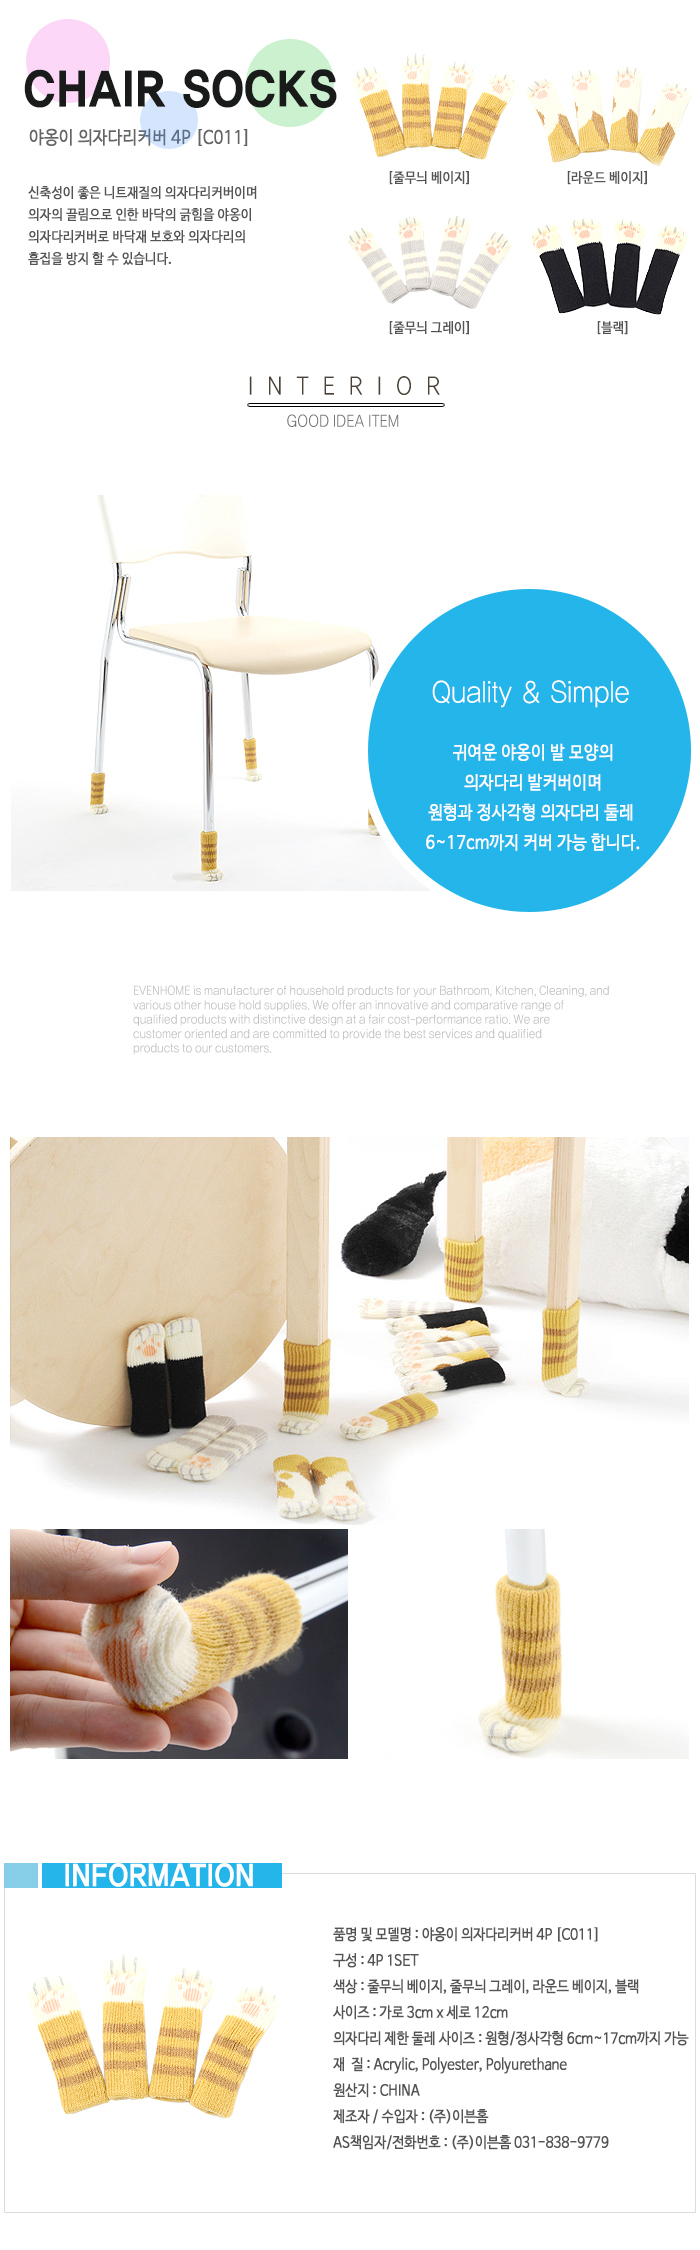 야옹이 의자다리커버 4P (C011) - 케이엠, 3,920원, 커버류, 기타 커버류